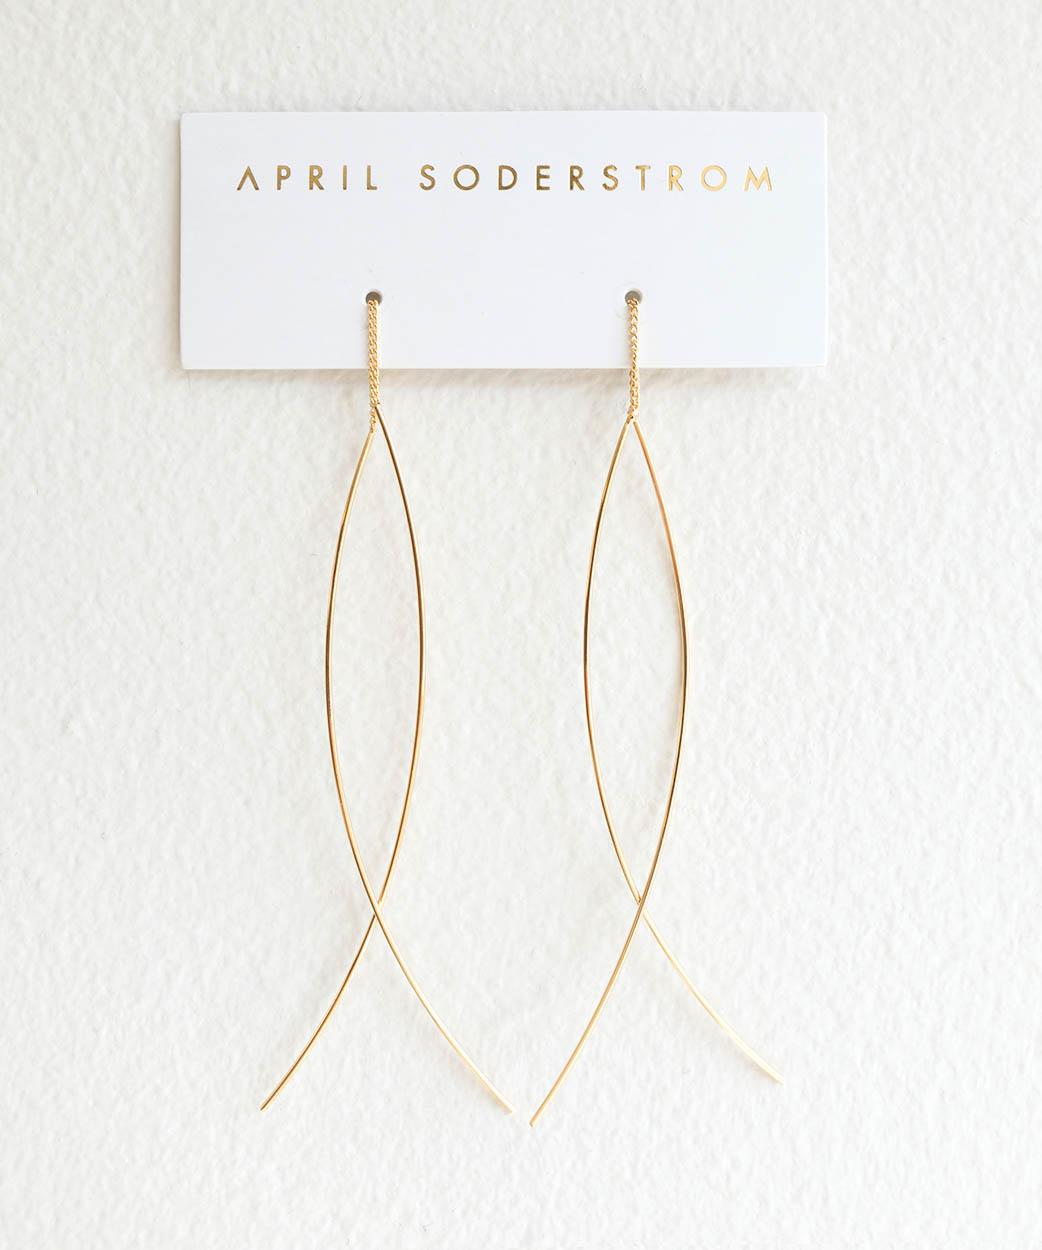 N Fine Line Threader Earrings 1 1